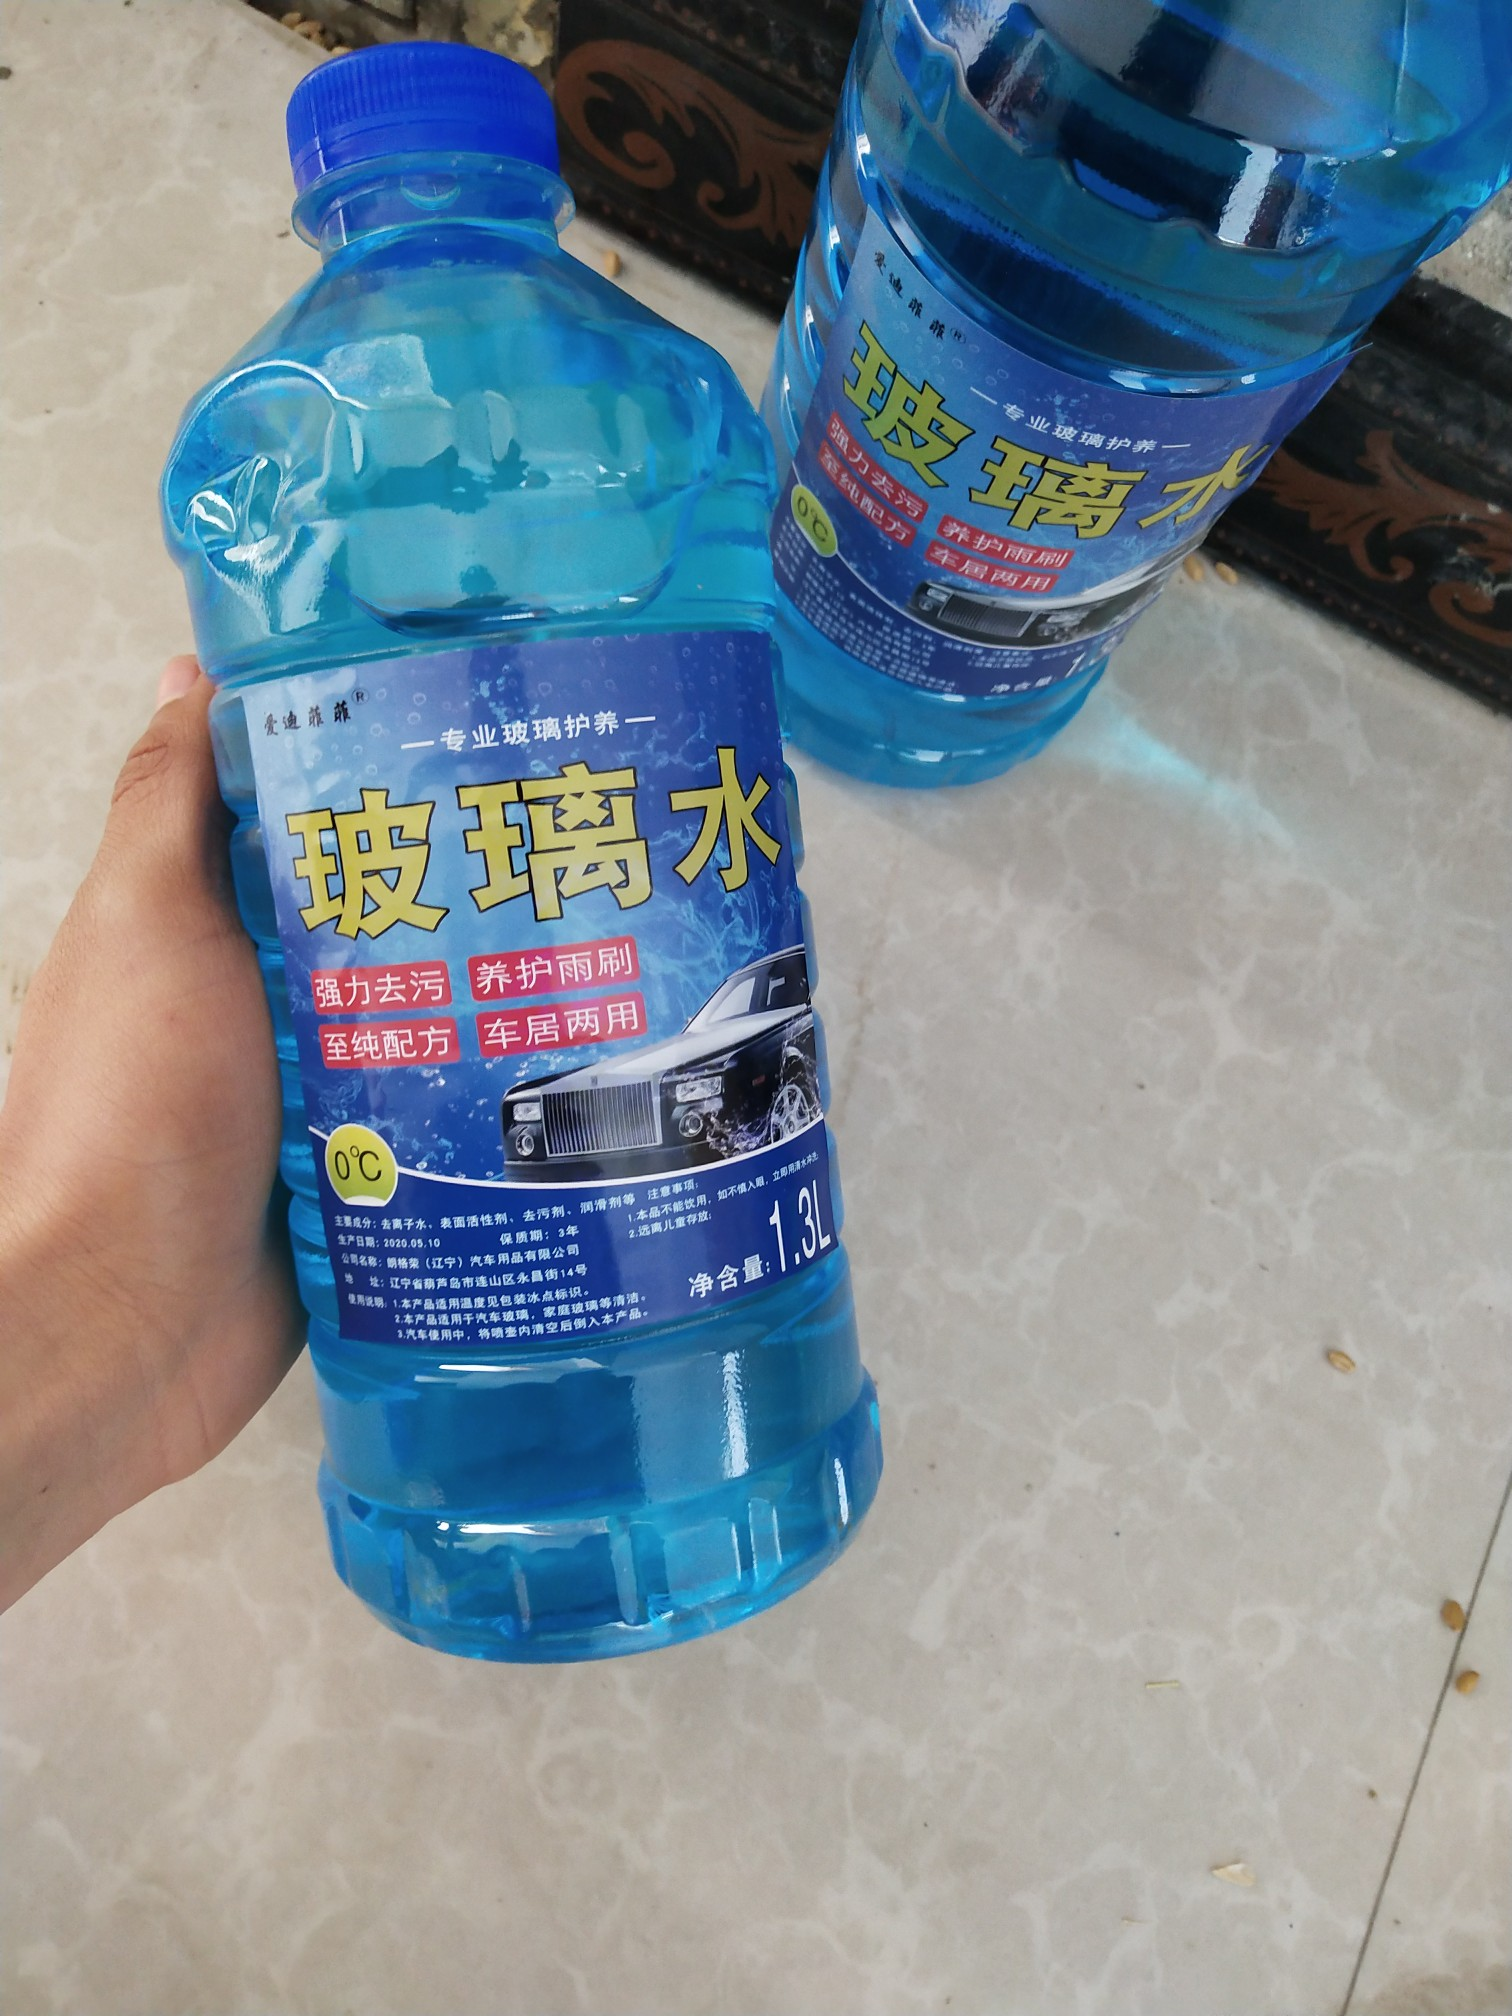 【爱迪菲菲】自然高效玻璃水1.3L*2桶